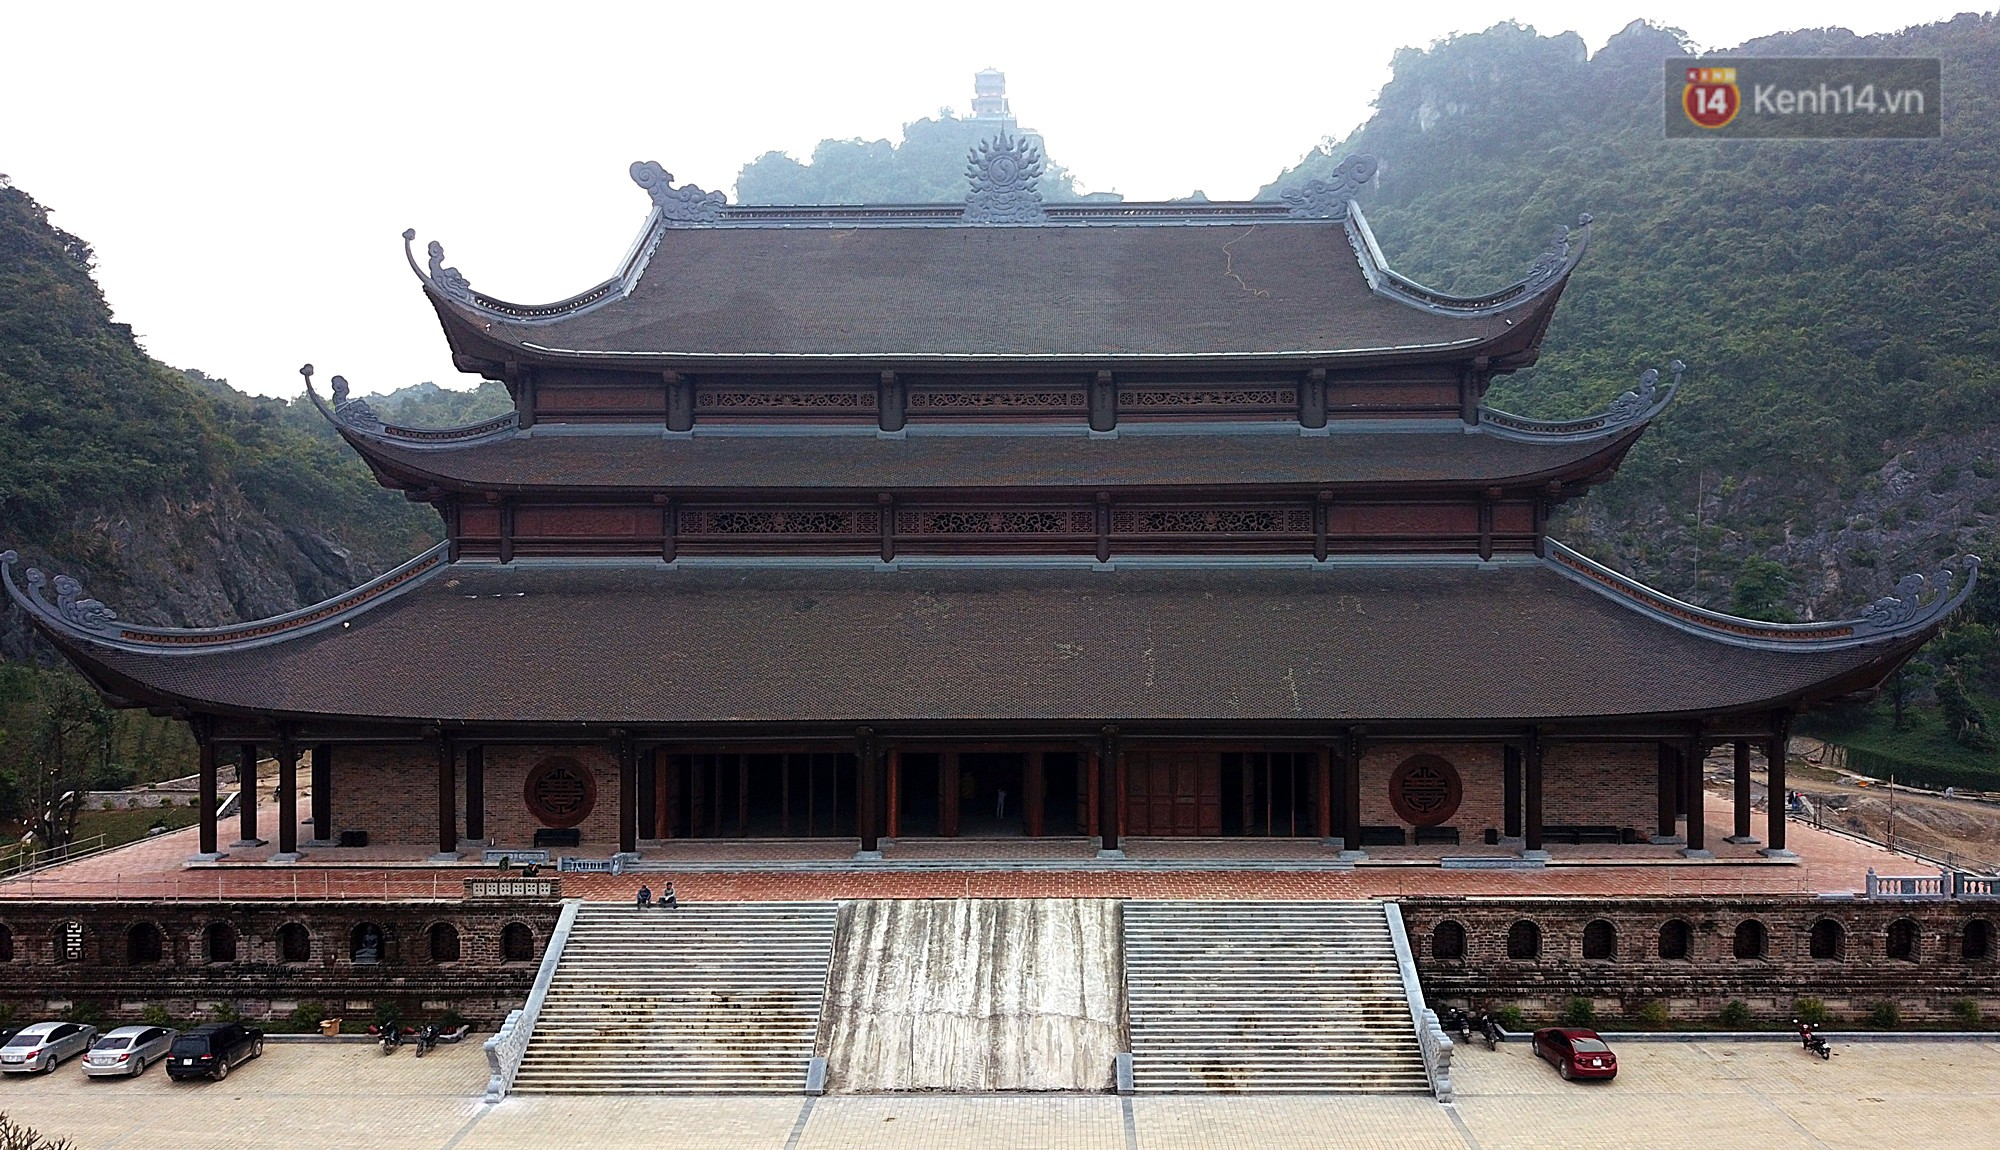 Trong quần thể chính chùa Tam Chúc thì điện Tam Thế đã cơ bản hoàn thành các hạng mục.